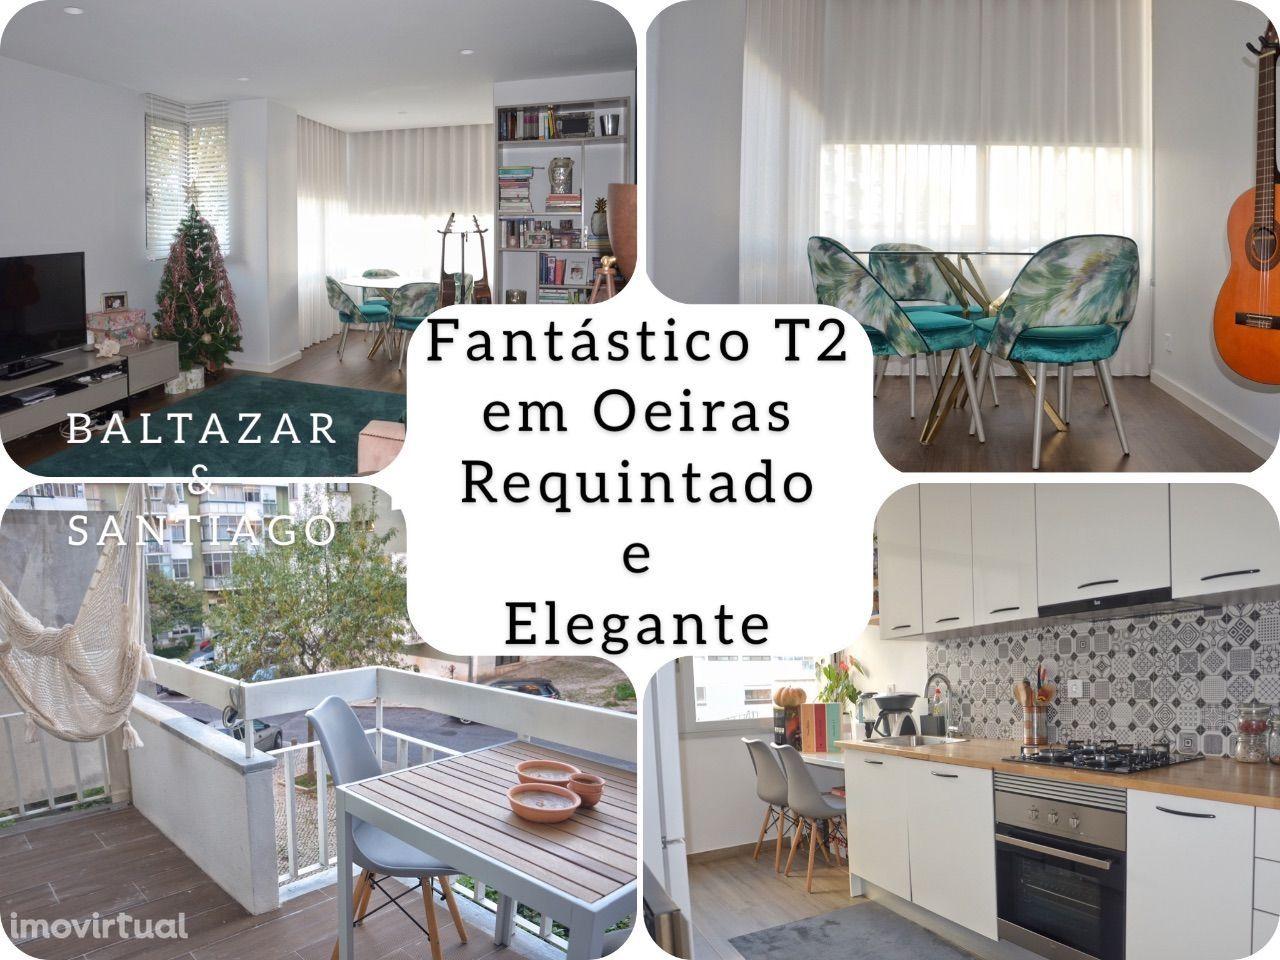 Fantástico T2 em Oeiras, Requintado e Elegante